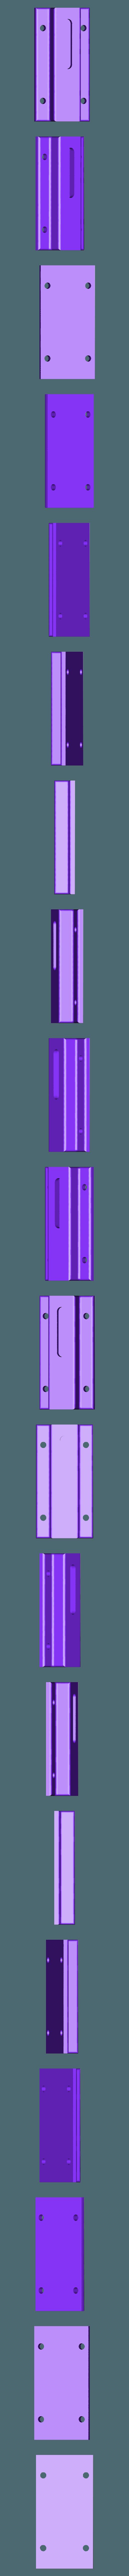 sliding_bolt_main_body.stl Télécharger fichier STL gratuit Verrou de porte coulissante Impression entièrement assemblée • Design à imprimer en 3D, Sagittario